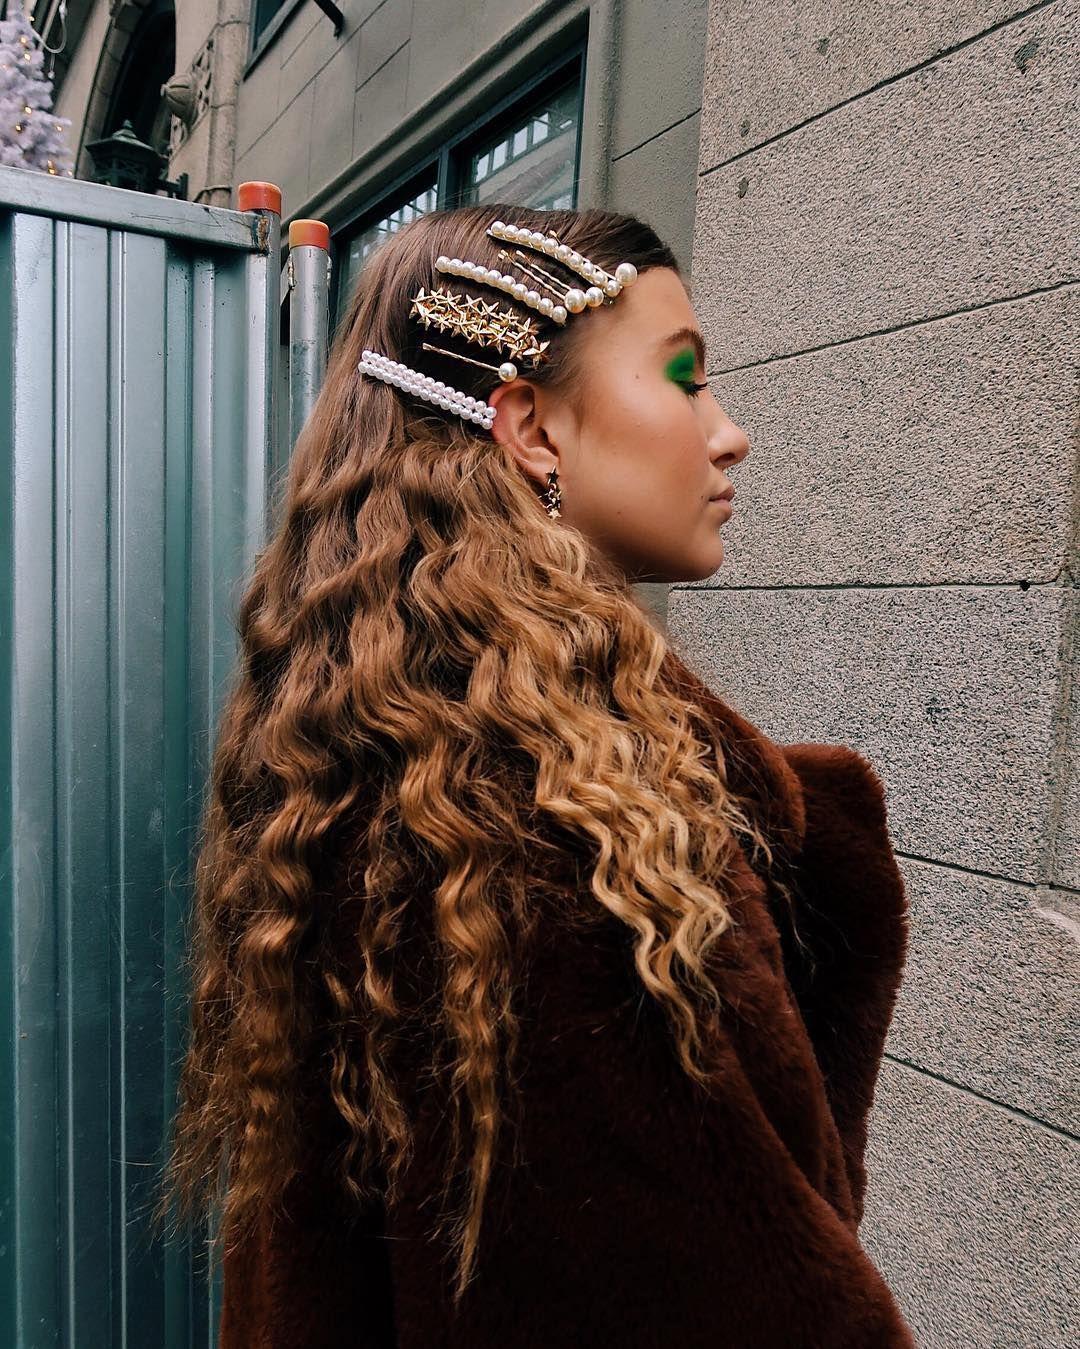 Das Sind Die 5 Schonsten Frisuren Der Influencer Fur Weihnachten Haar Styling Styling Kurzes Haar Hubsche Frisuren